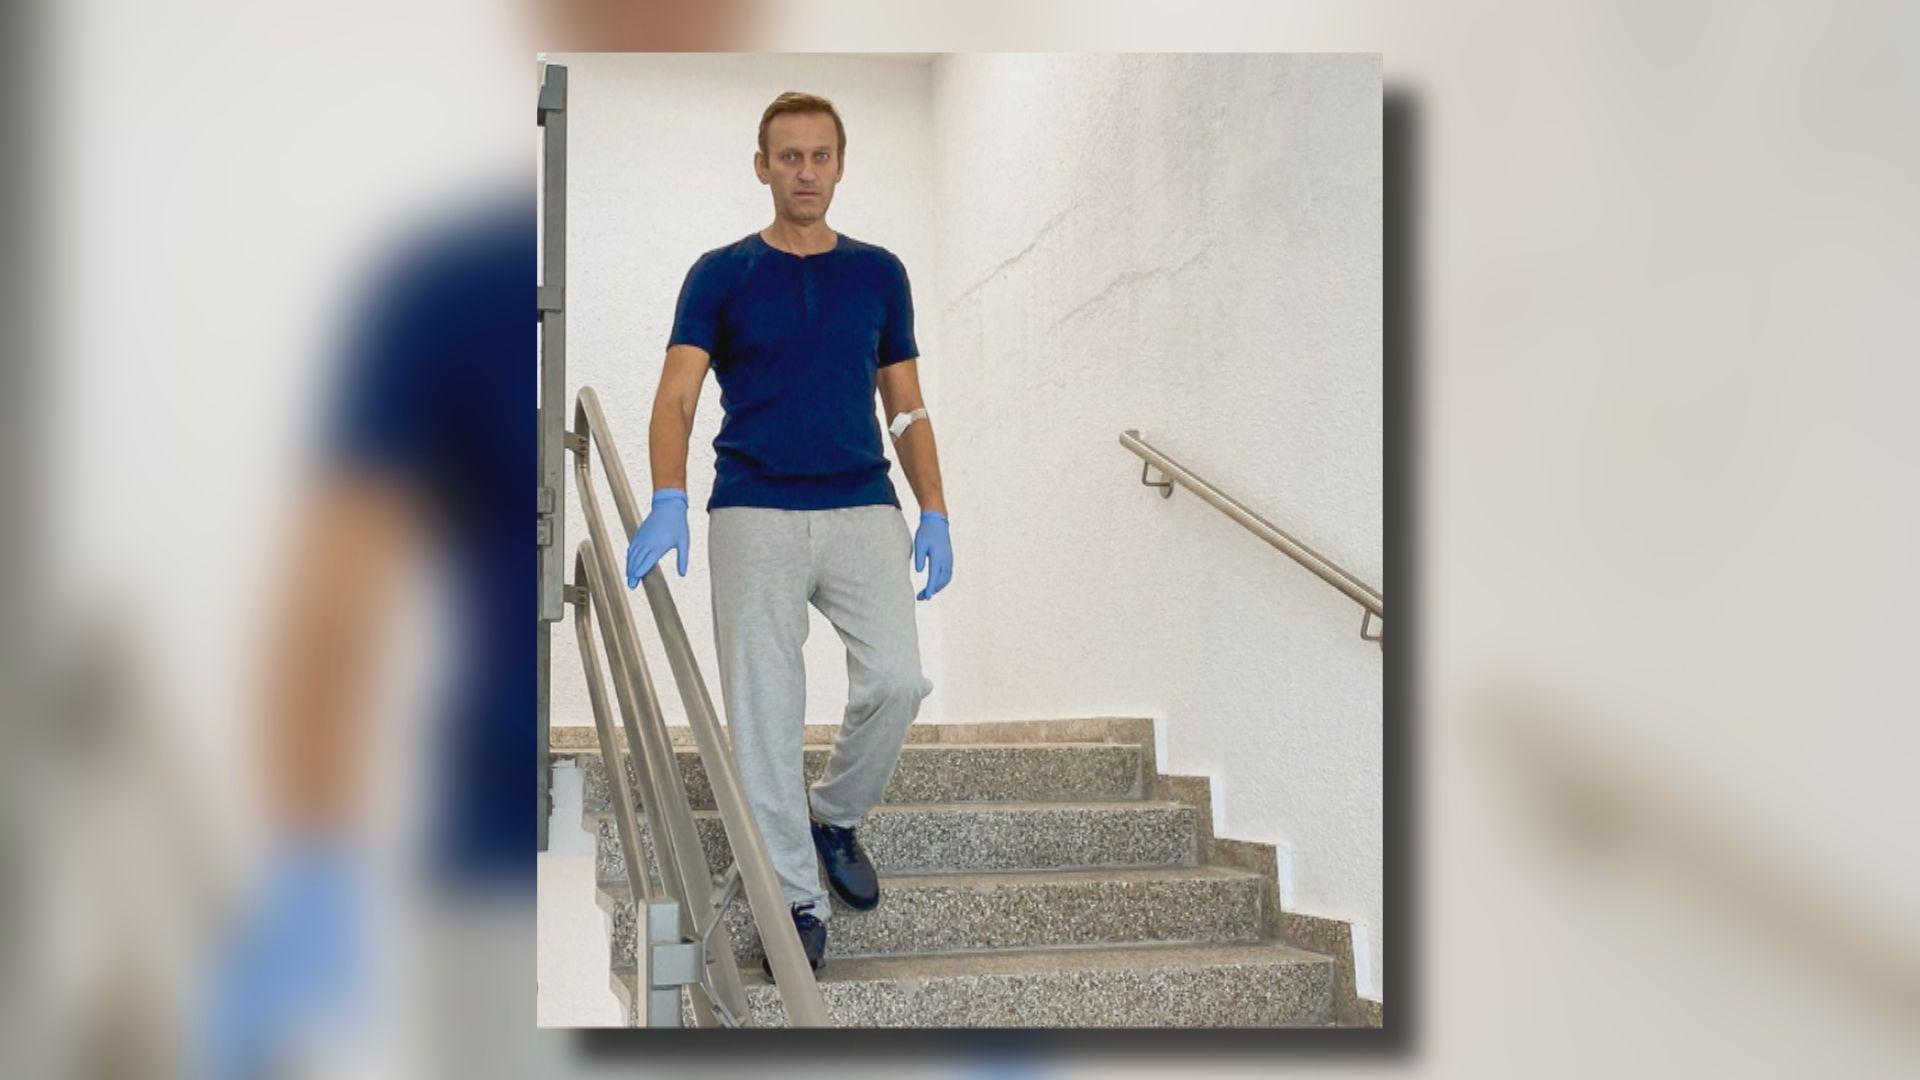 納瓦爾尼康復進展良好可自行落樓梯